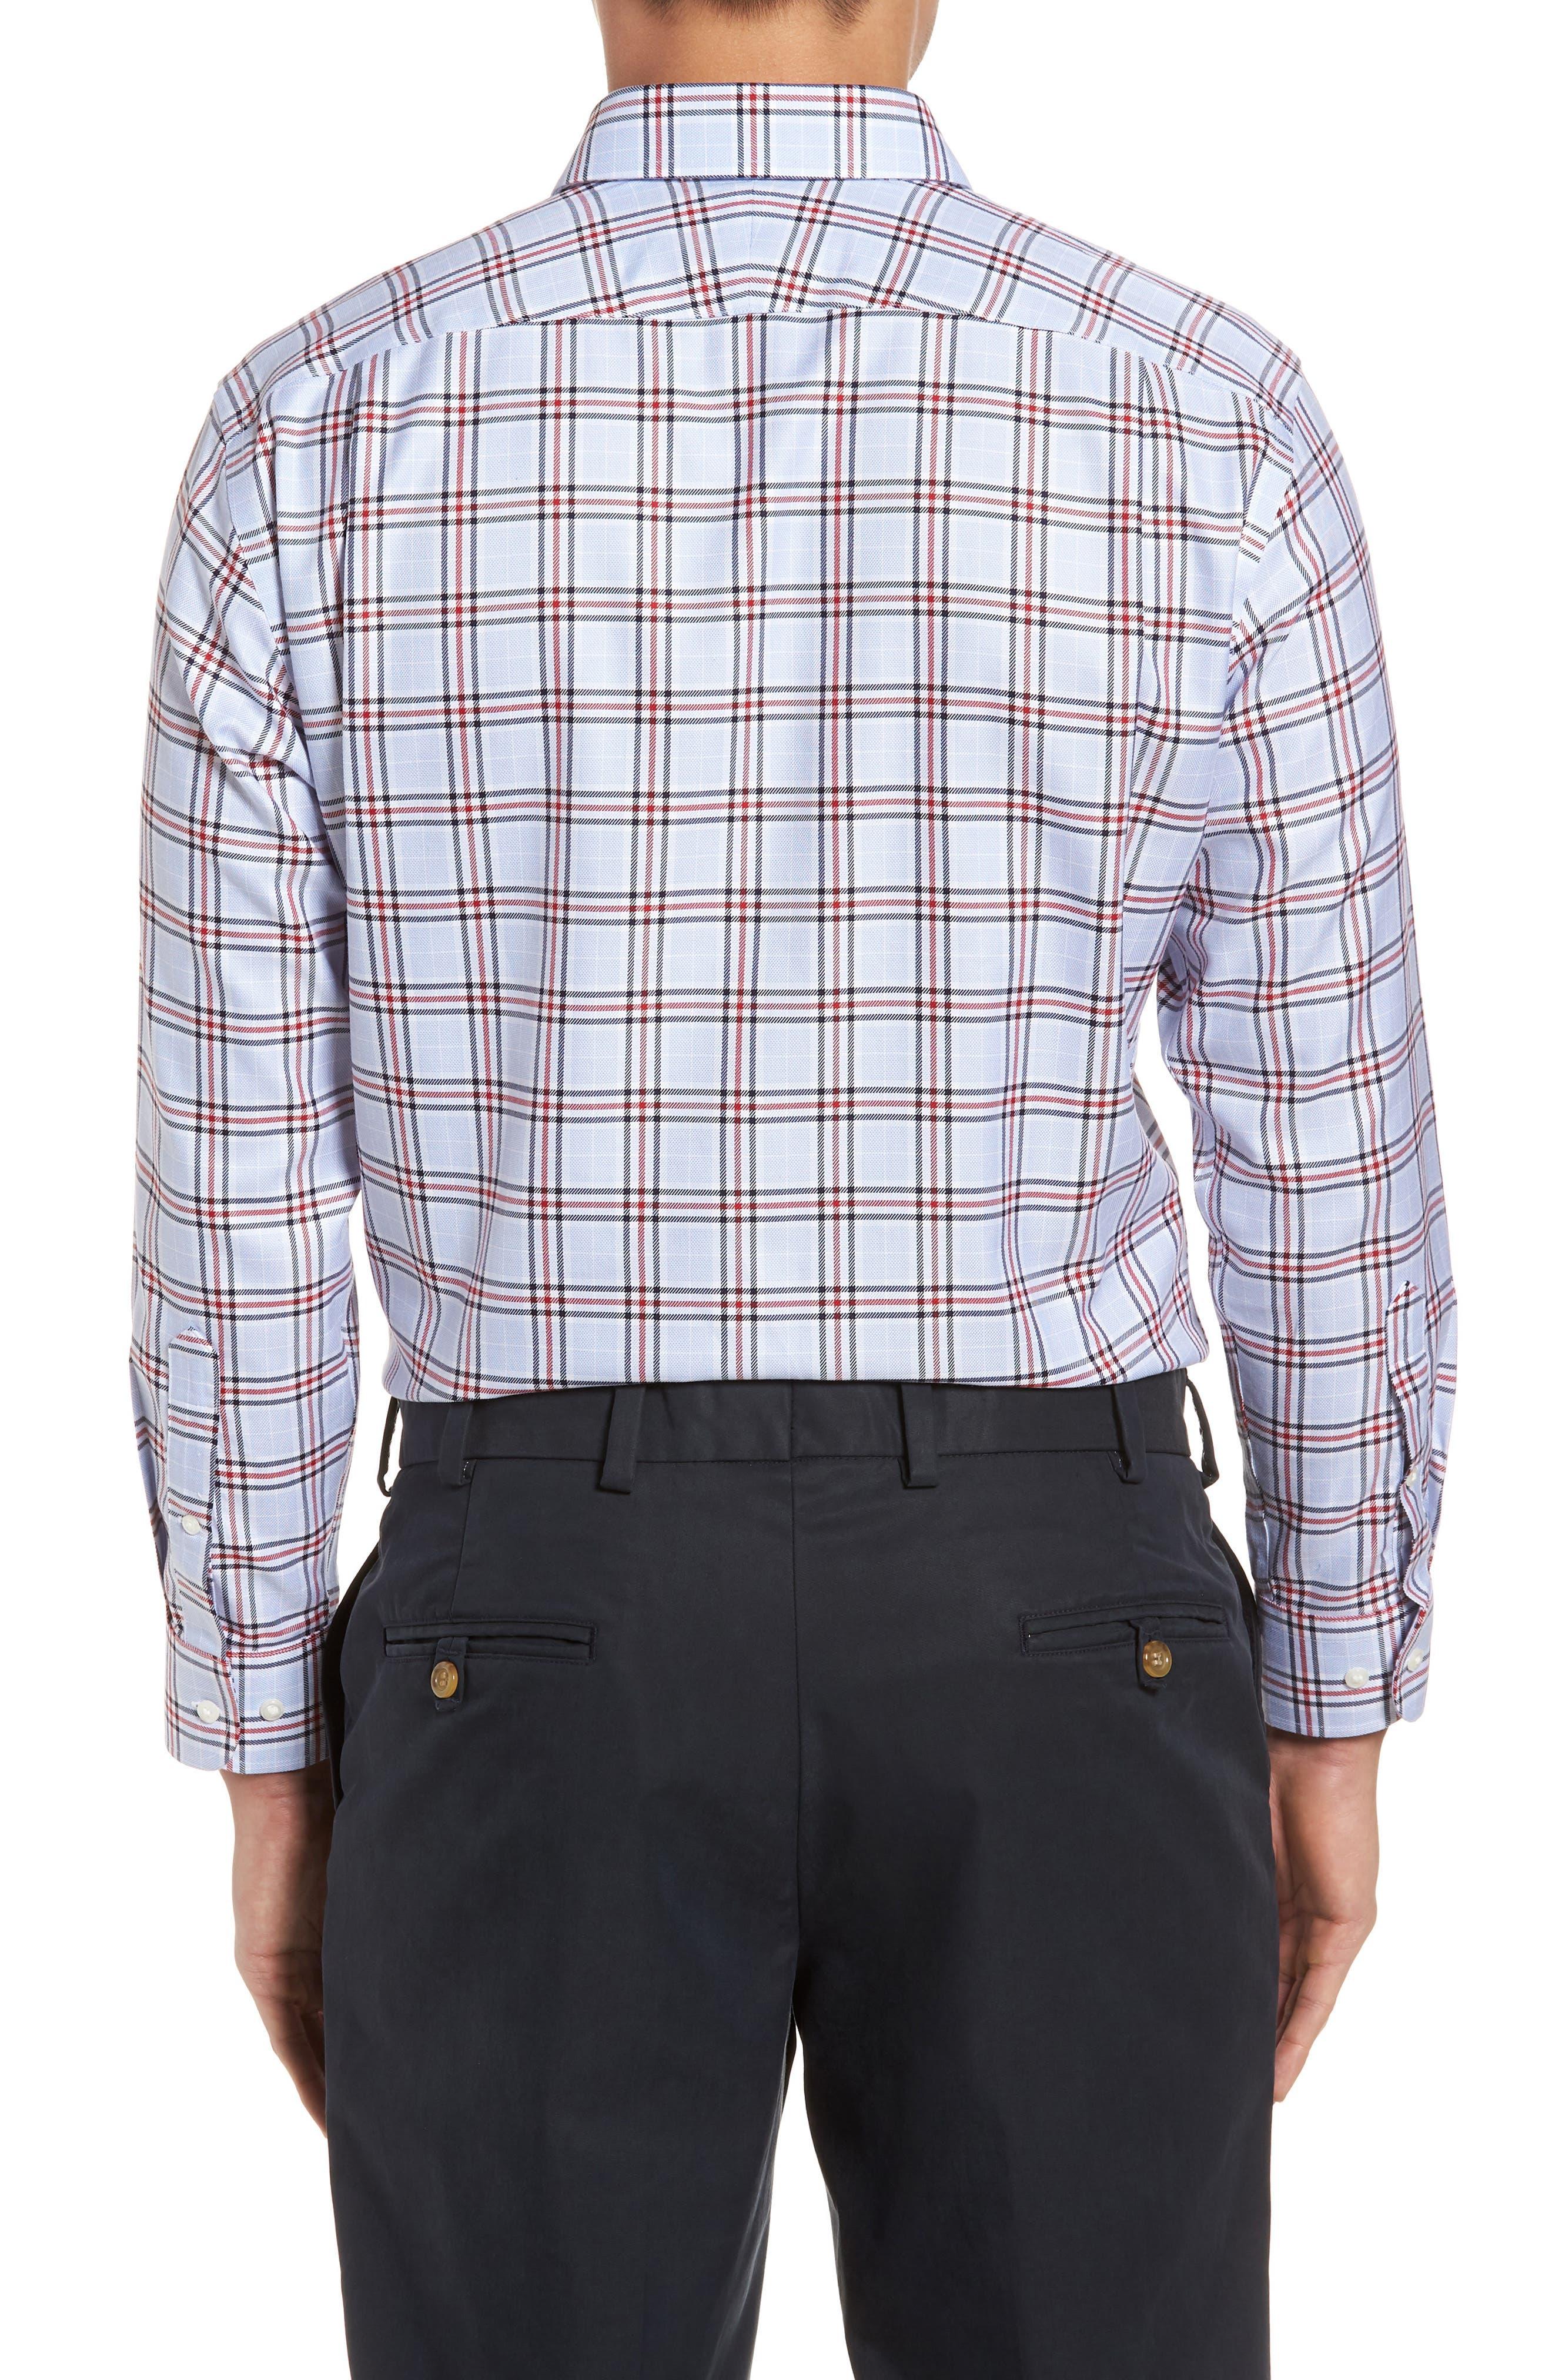 Smartcare<sup>™</sup> Trim Fit Plaid Dress Shirt,                             Alternate thumbnail 3, color,                             601